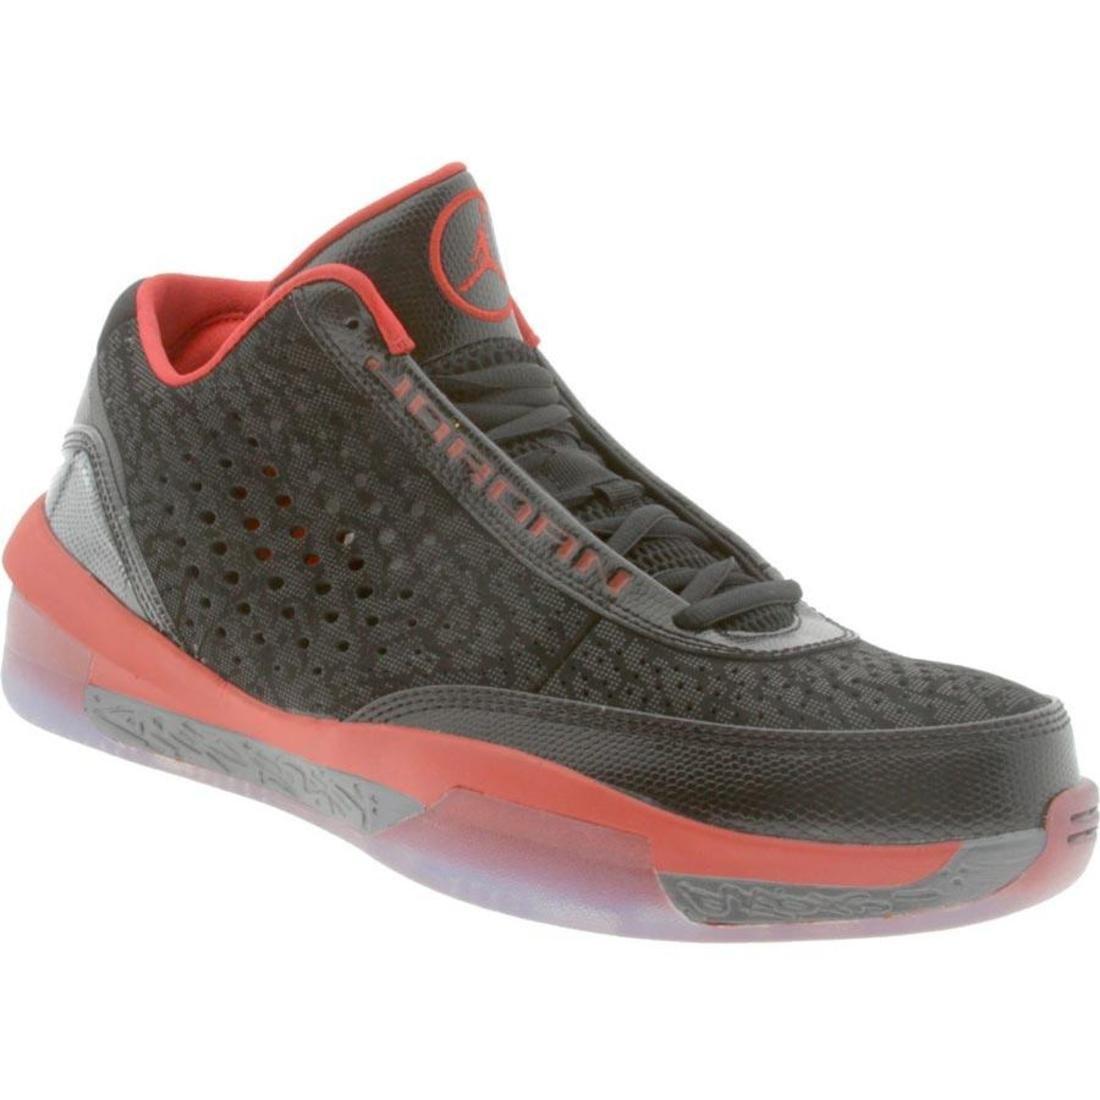 (ナイキ) Nike メンズ Air Jordan 2010 Team B0049LU902 28CM (US 10.0)